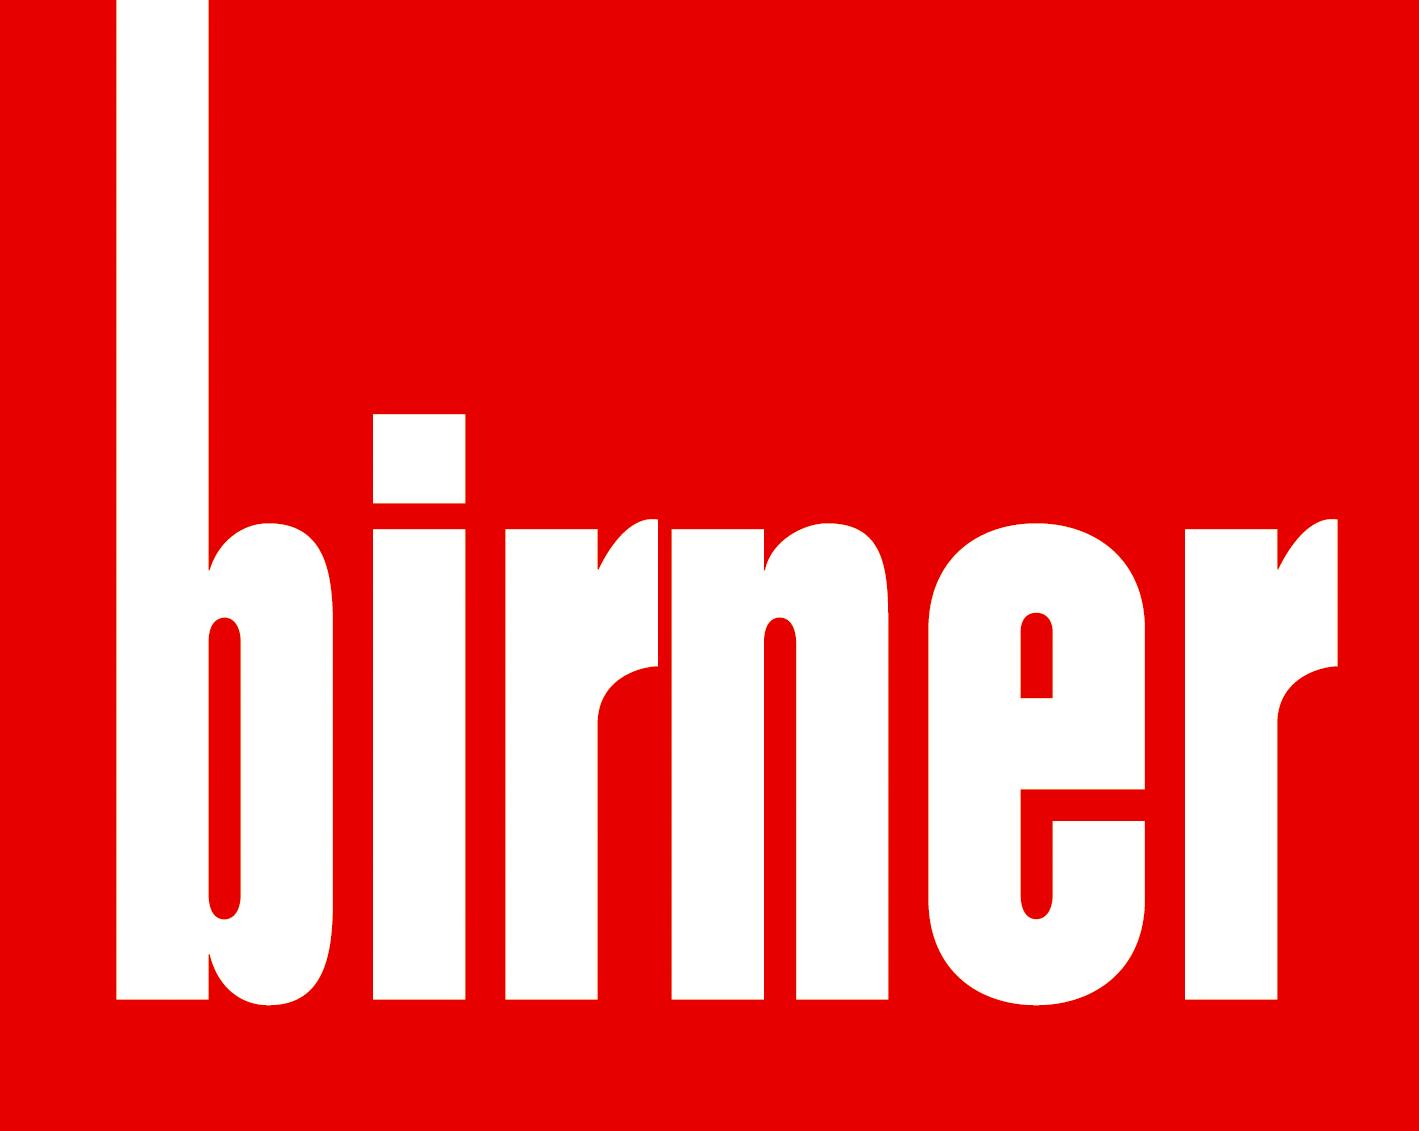 Birner Wr. Neustadt